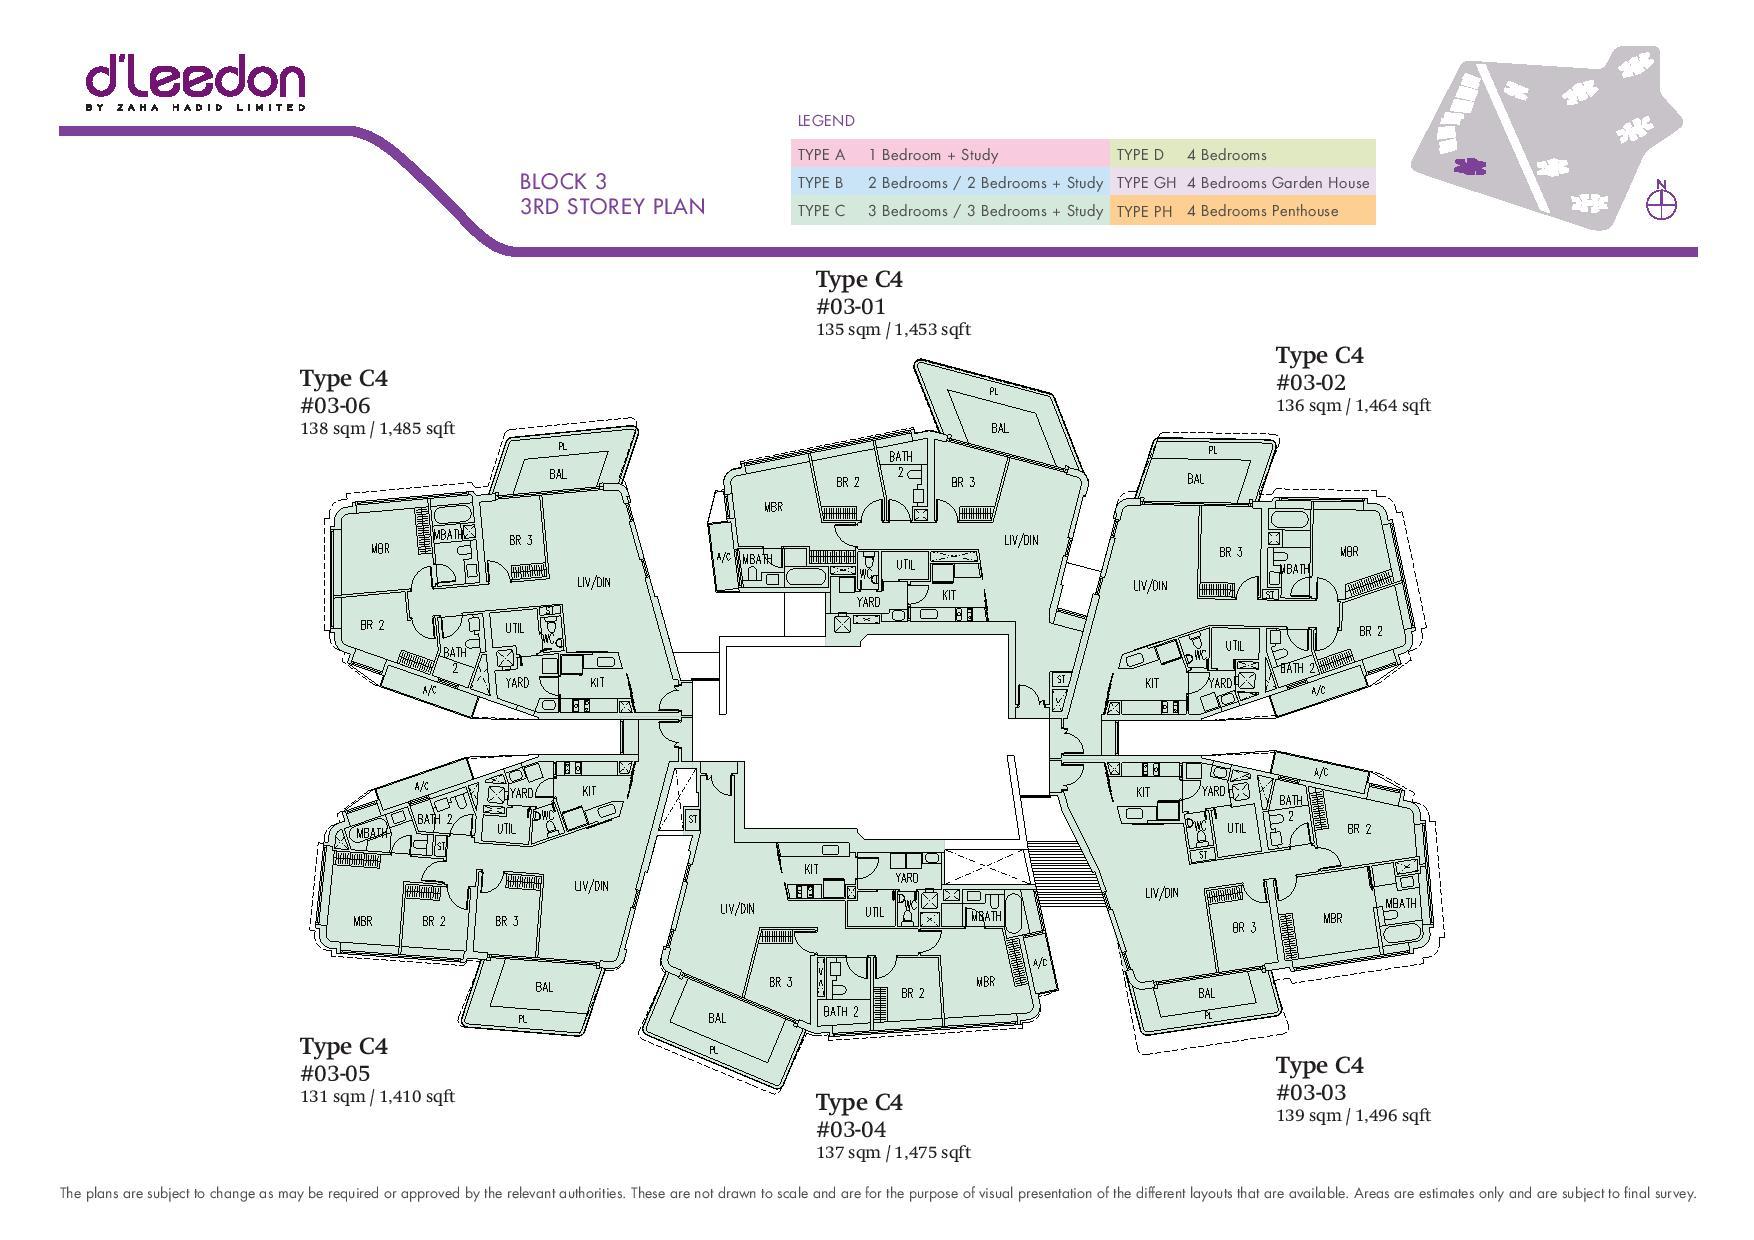 D'Leedon Block 3rd Storey Floor Plans